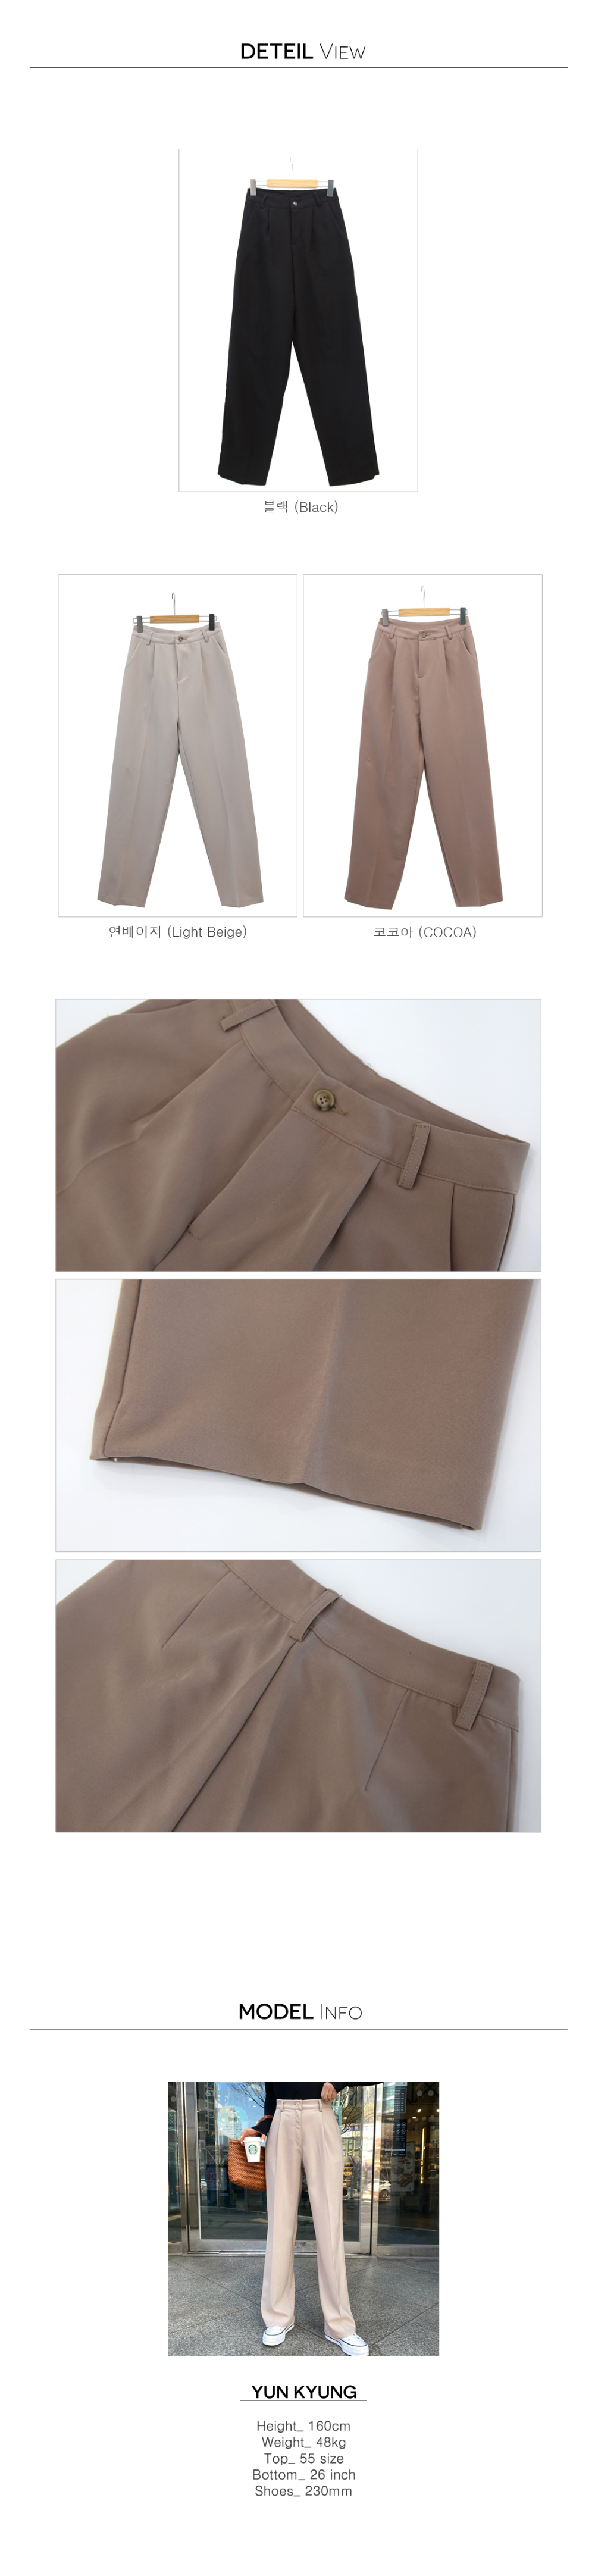 반팔 티셔츠 오트밀 색상 이미지-S1L14